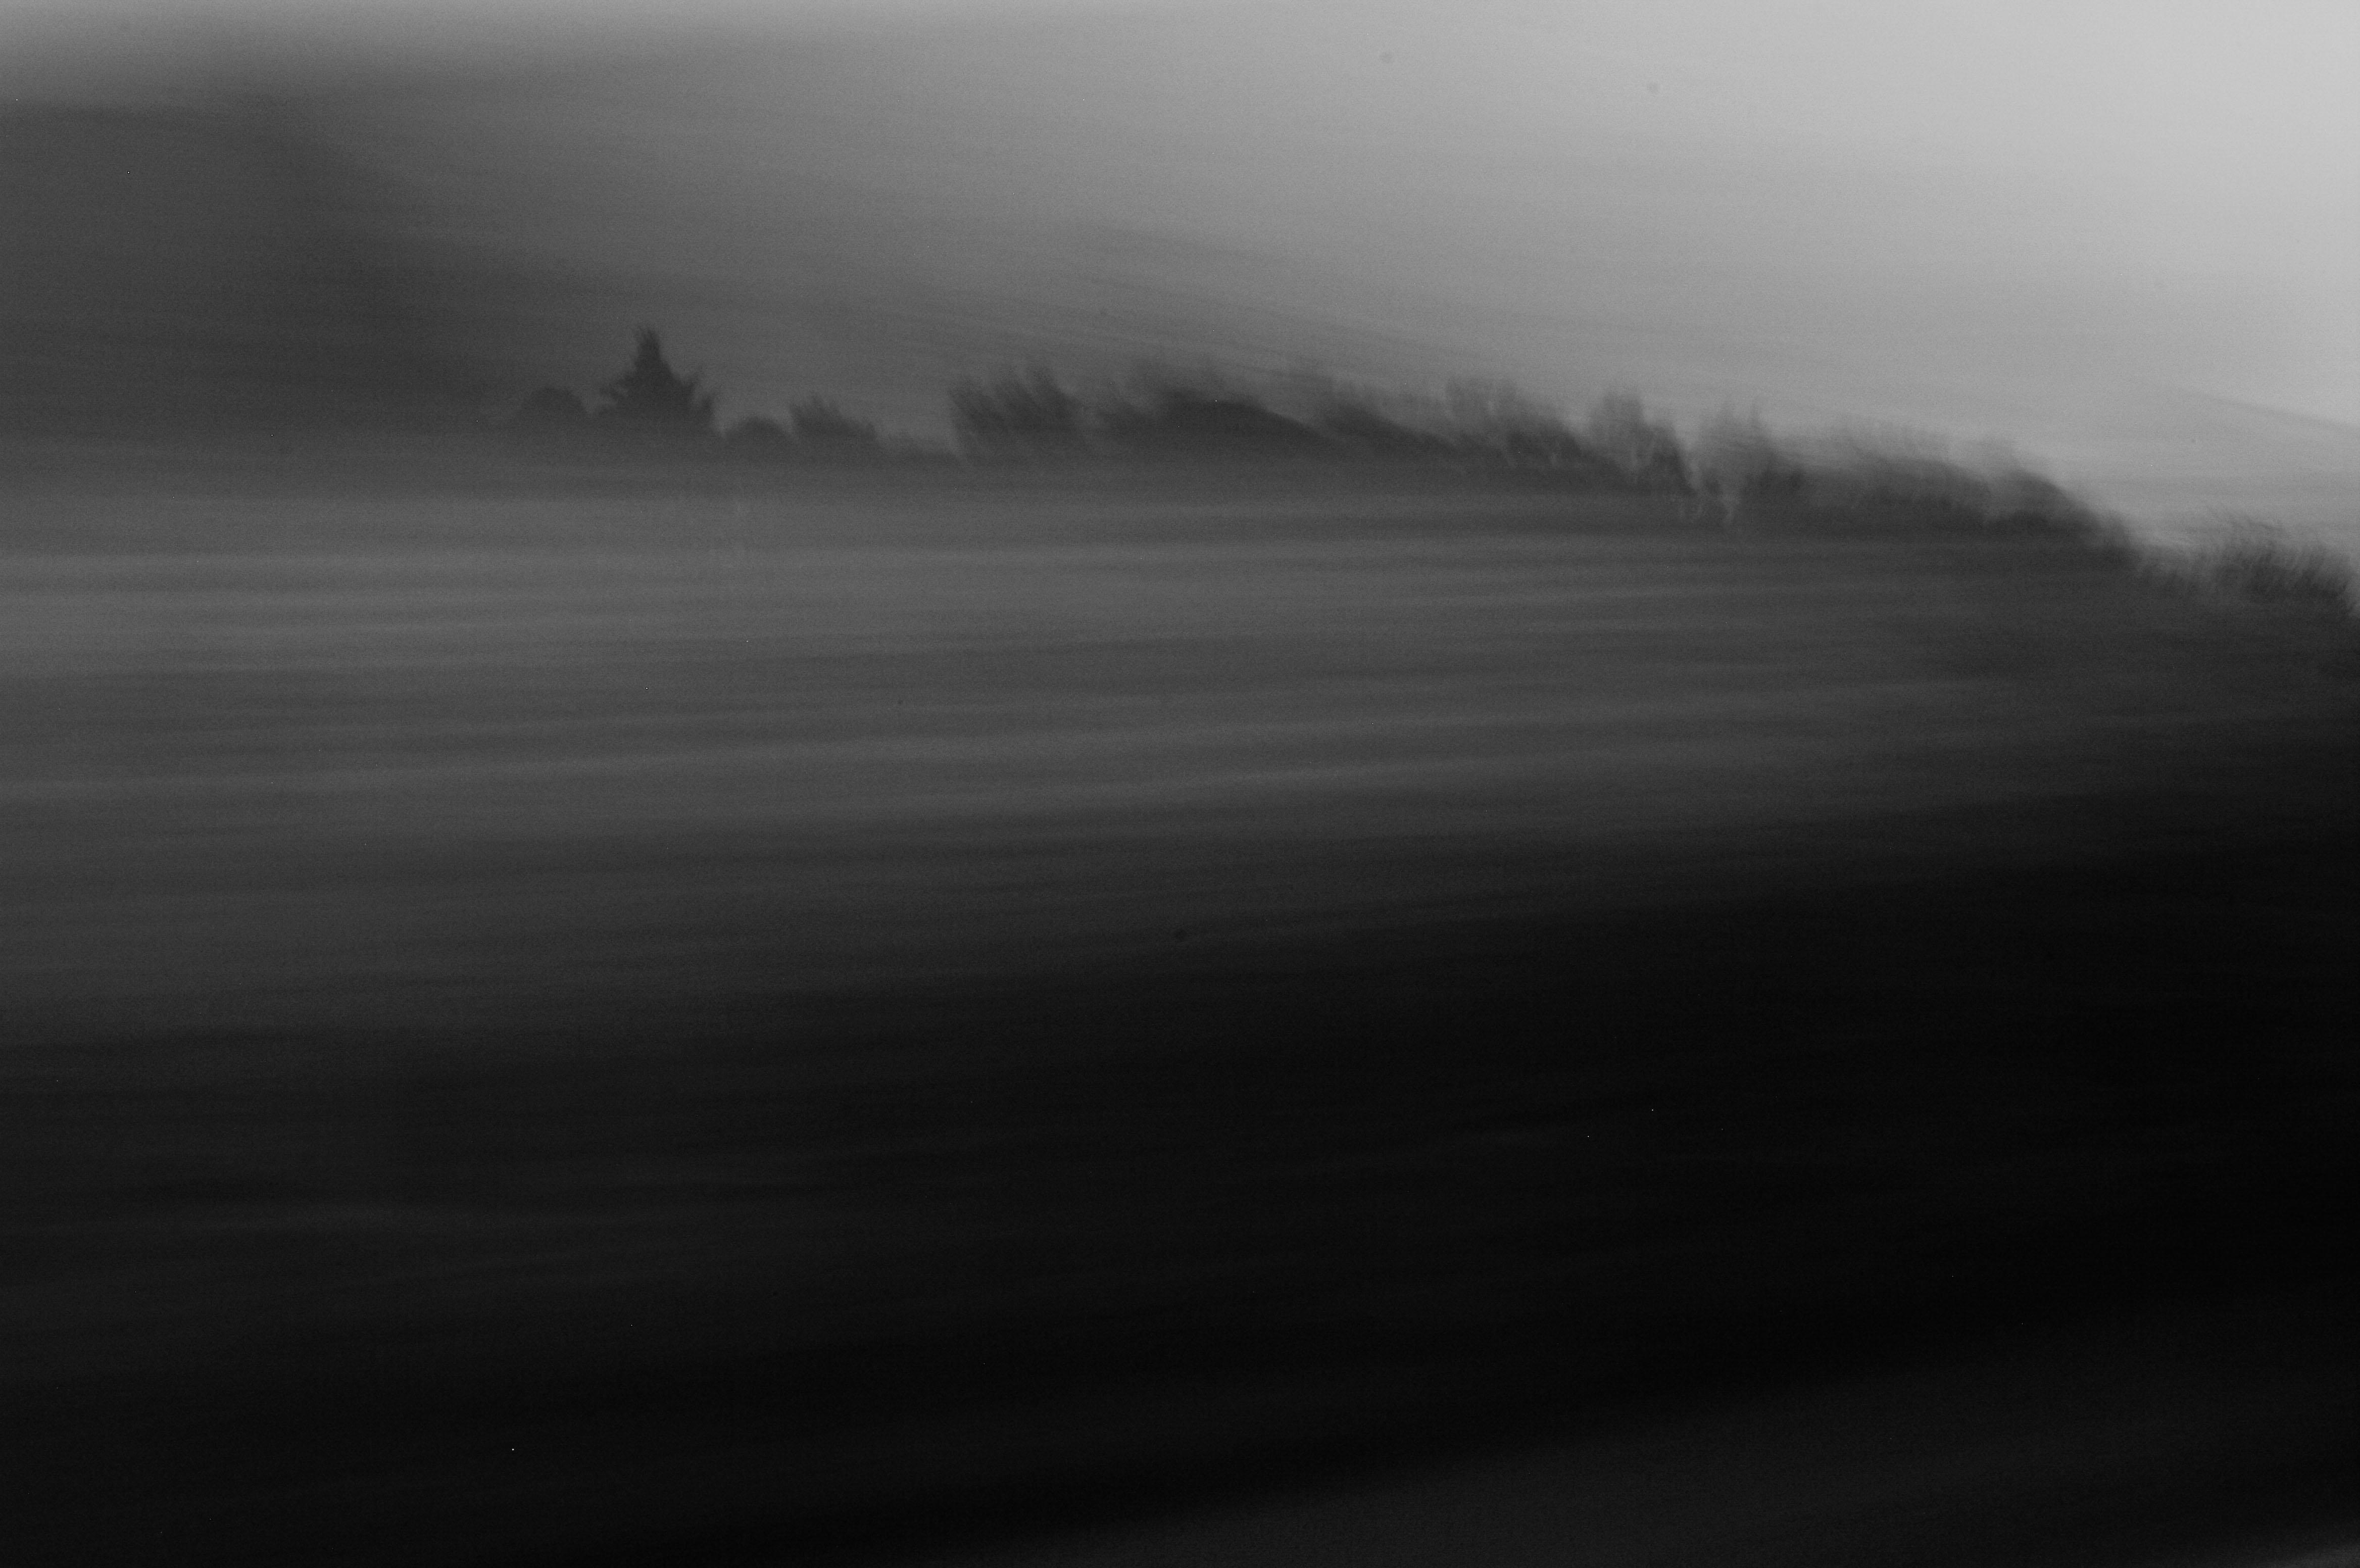 2017-02-15 myPhotos_1019